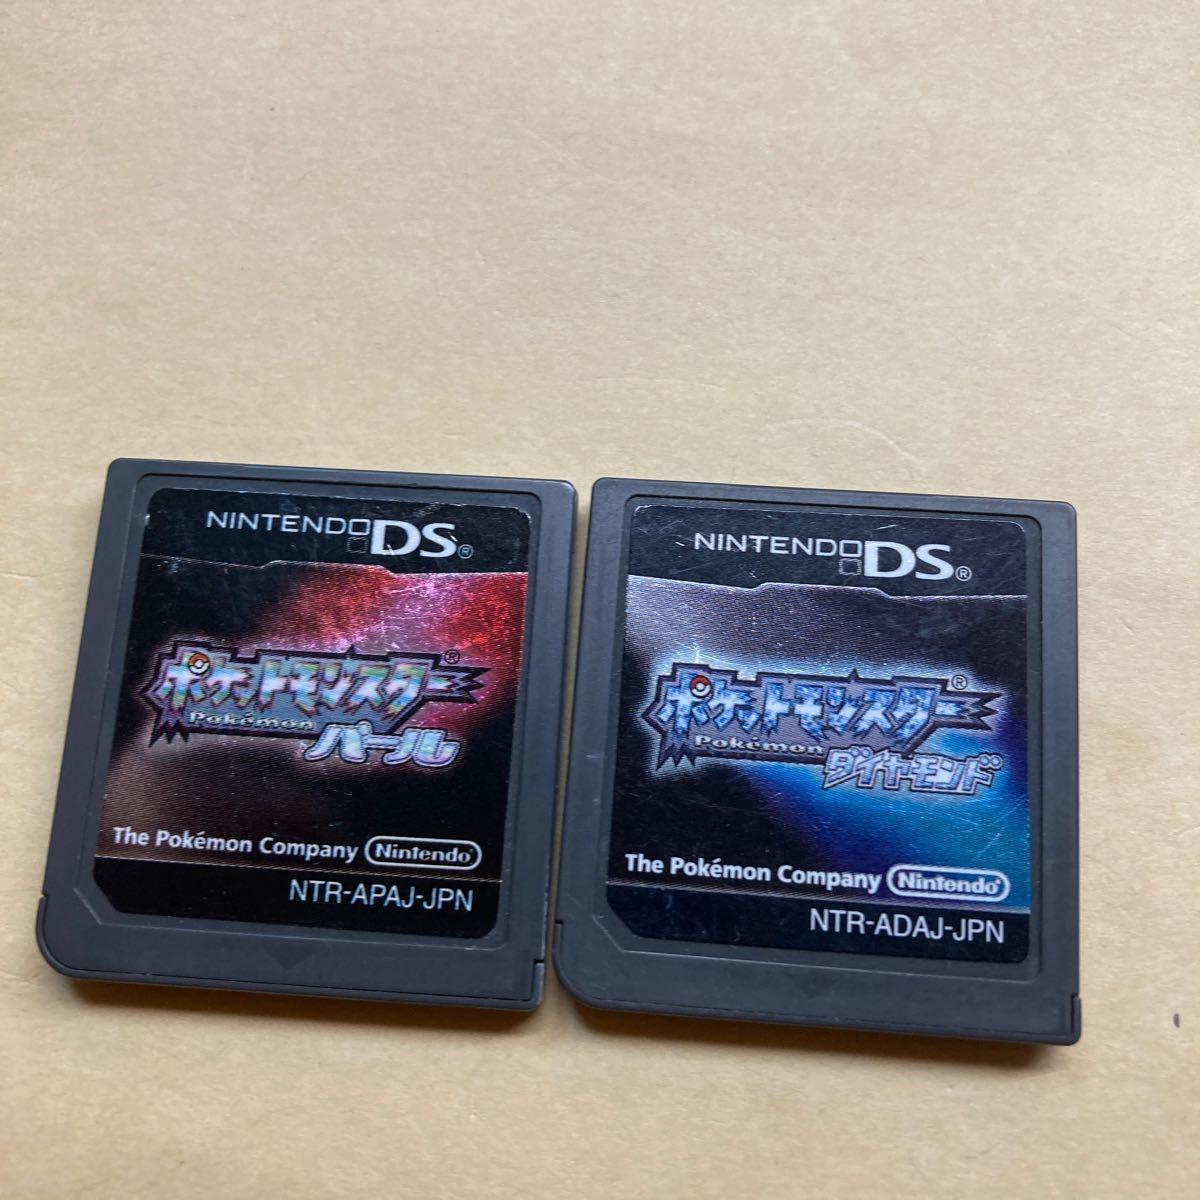 ポケットモンスターダイヤモンド ポケットモンスターパール DSソフト